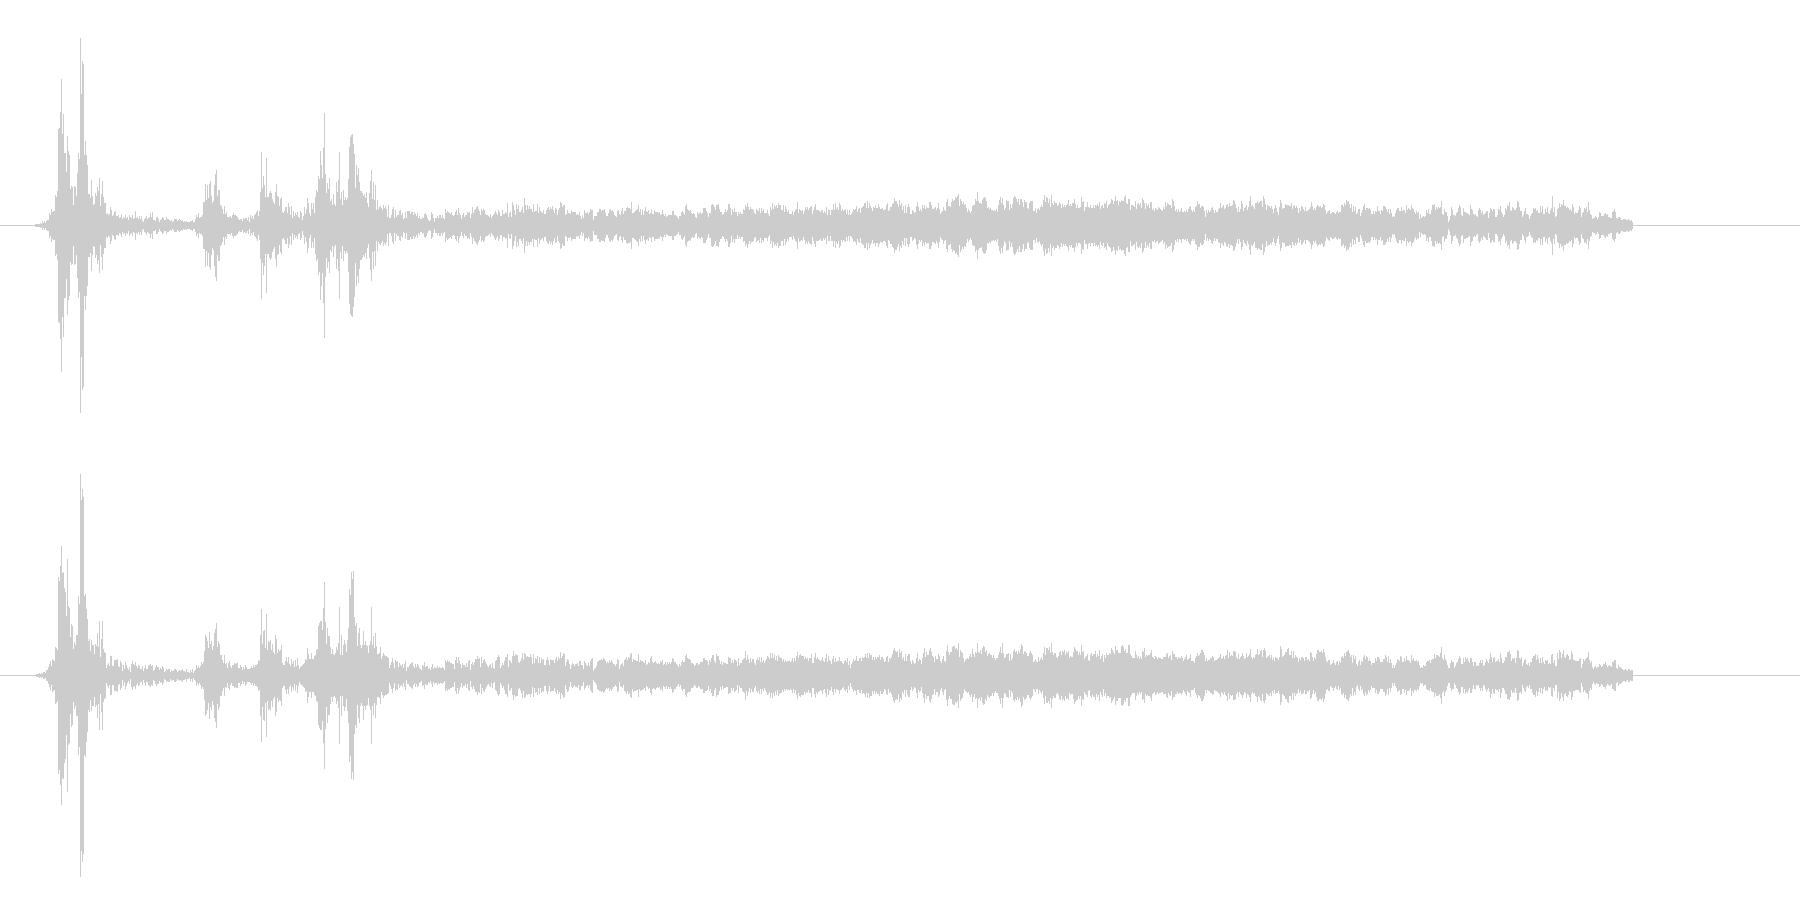 [カメラ] シャッターを切る効果音02!の未再生の波形